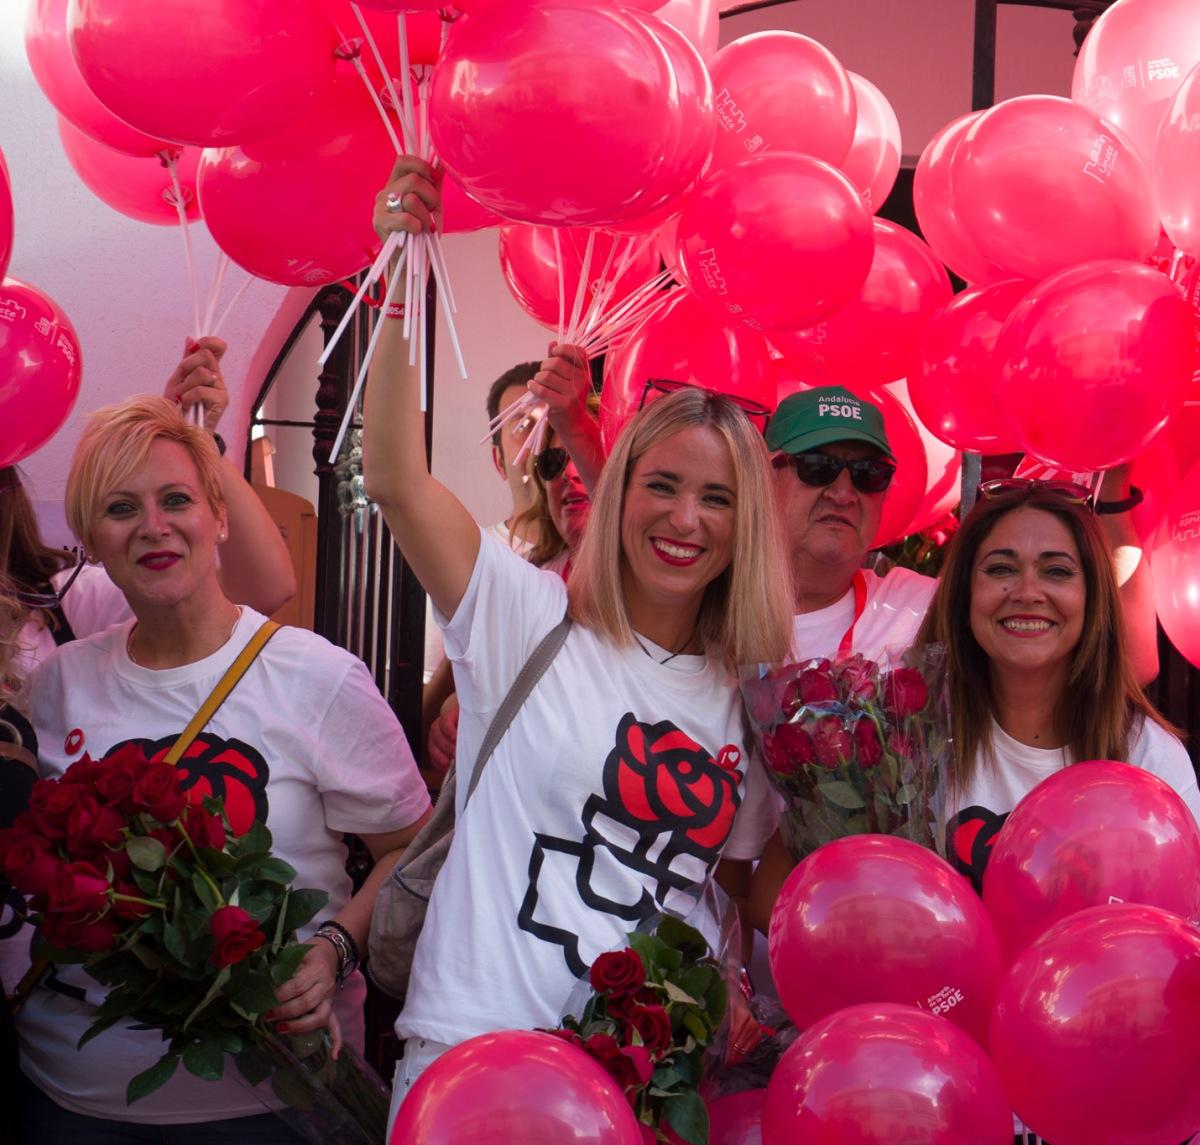 El PSOE pide una movilización progresista en las urnas para acabar con un cuarto de siglo del gobierno insensible de la derecha.